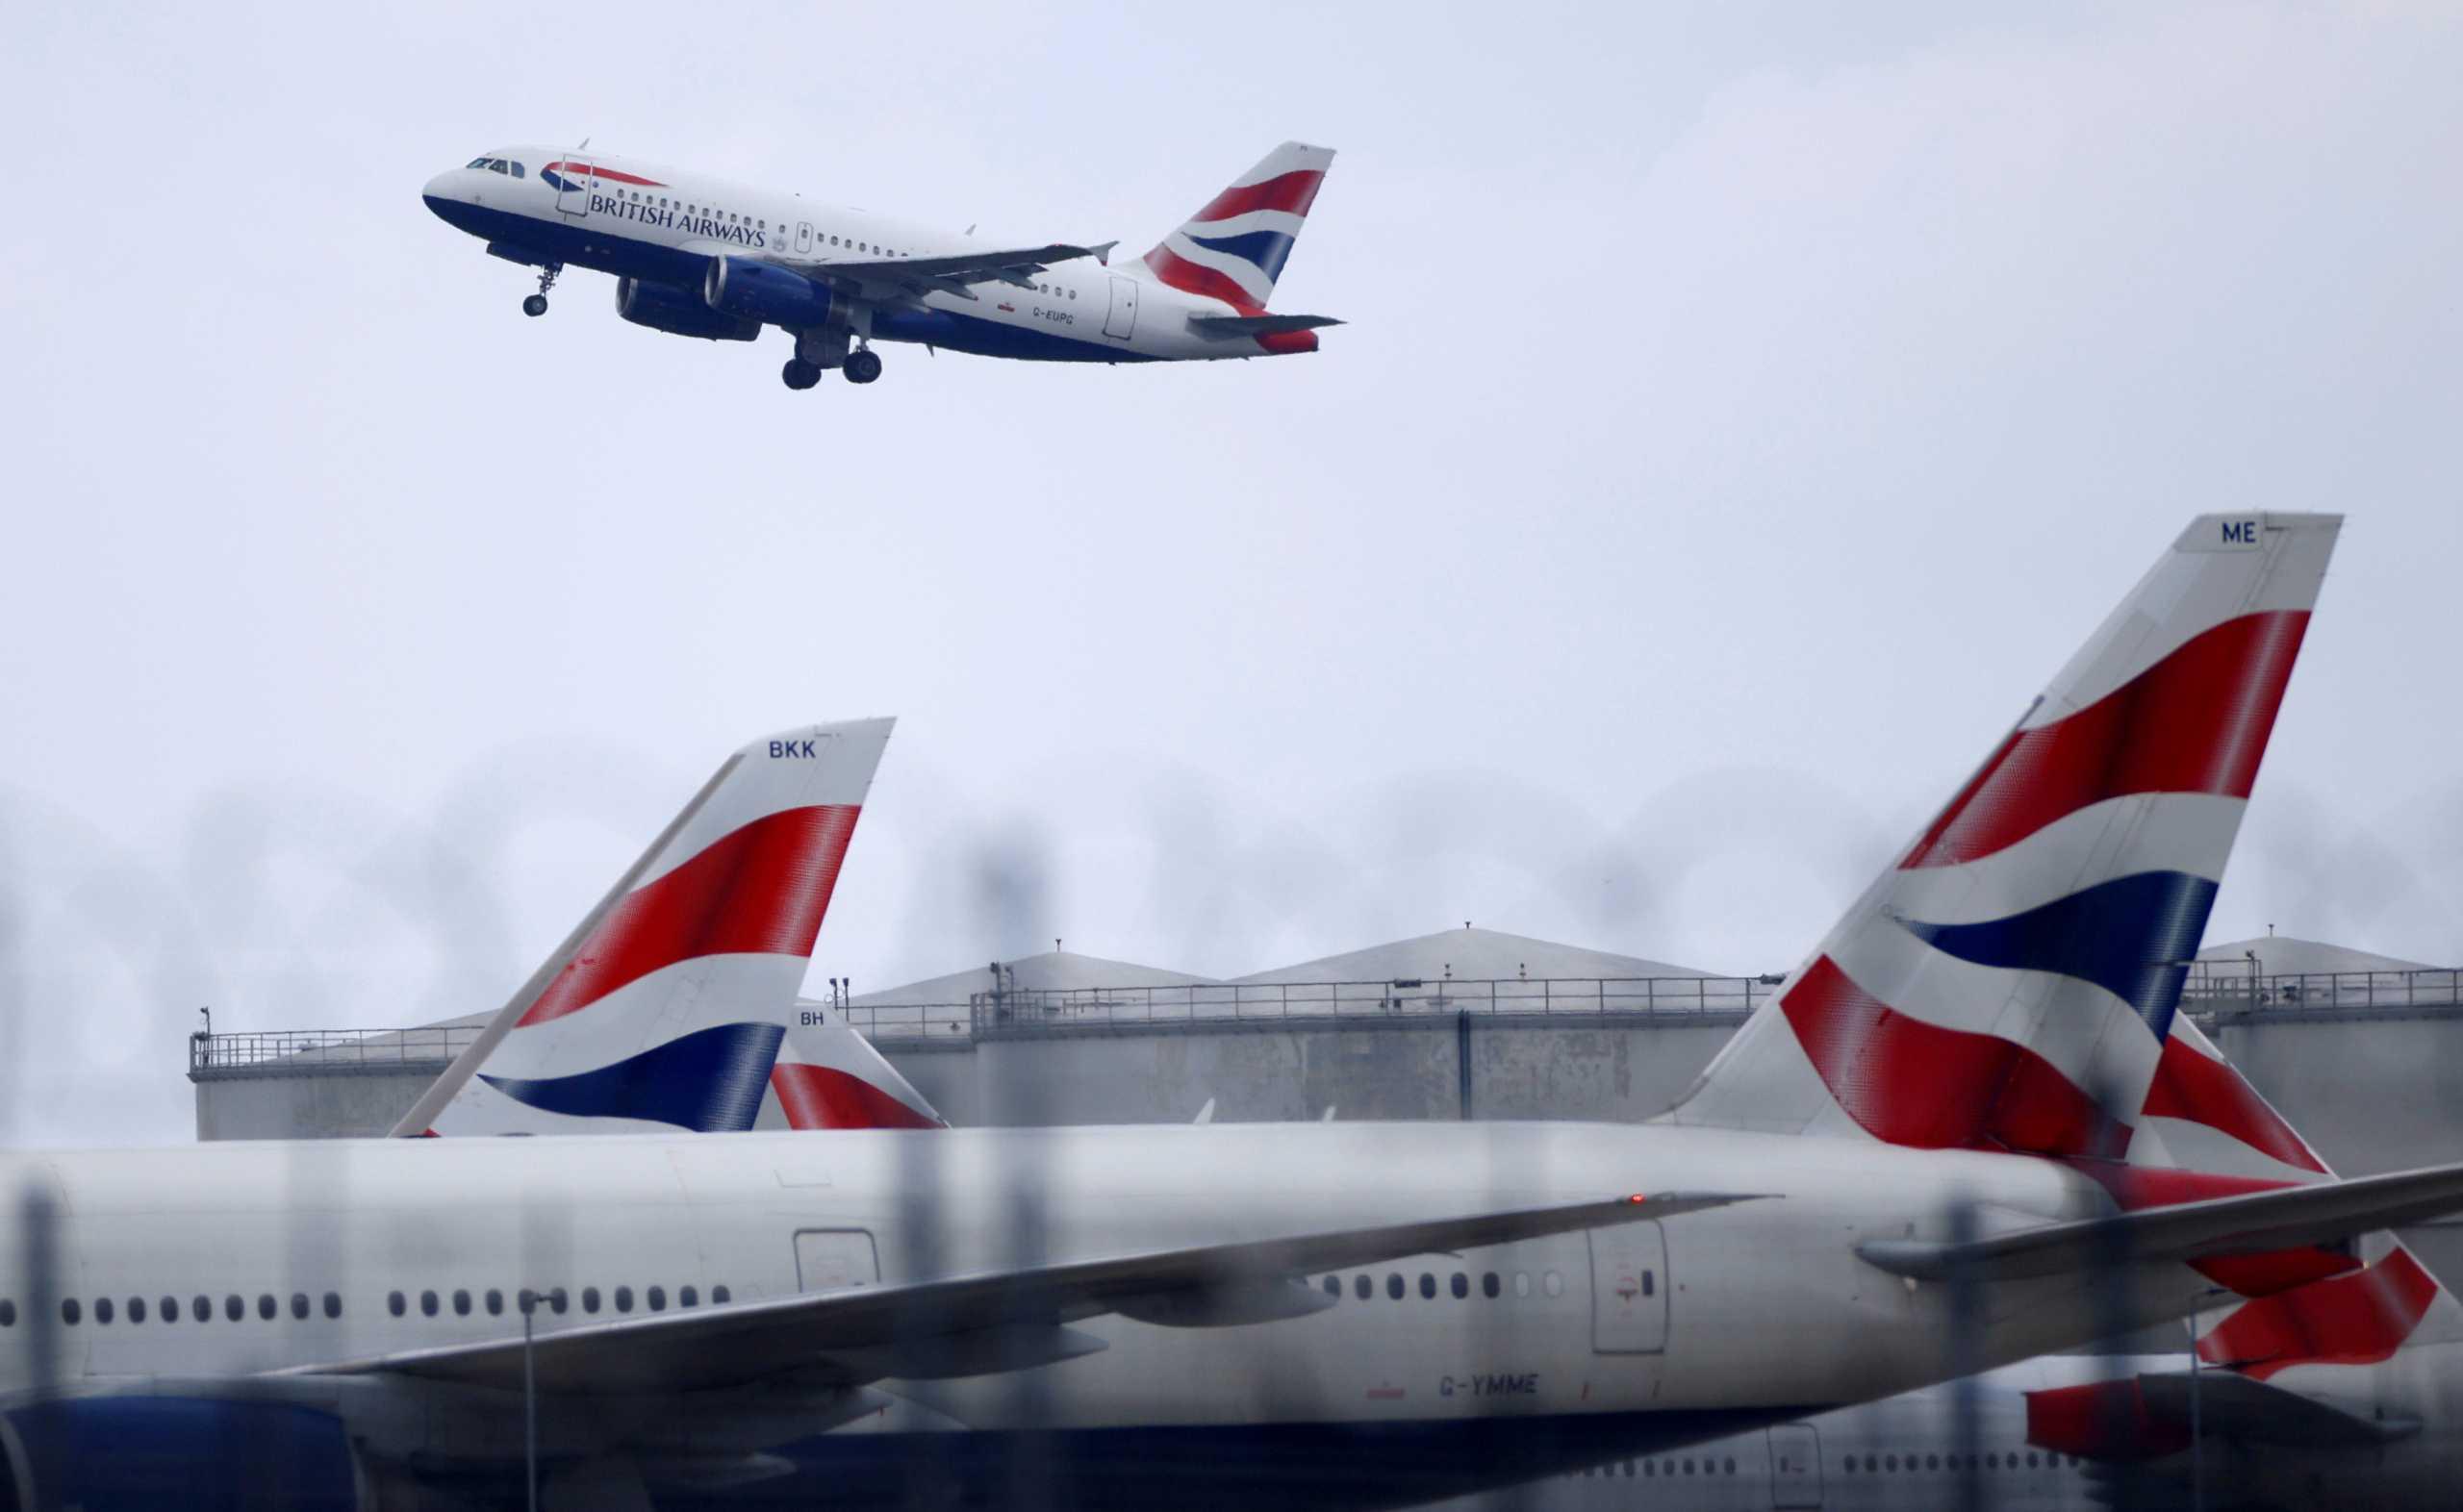 Πανικός στο αεροδρόμιο τουΧίθροου: «Κατέρρευσε» αεροπλάνο της British Airways (pics, vid)